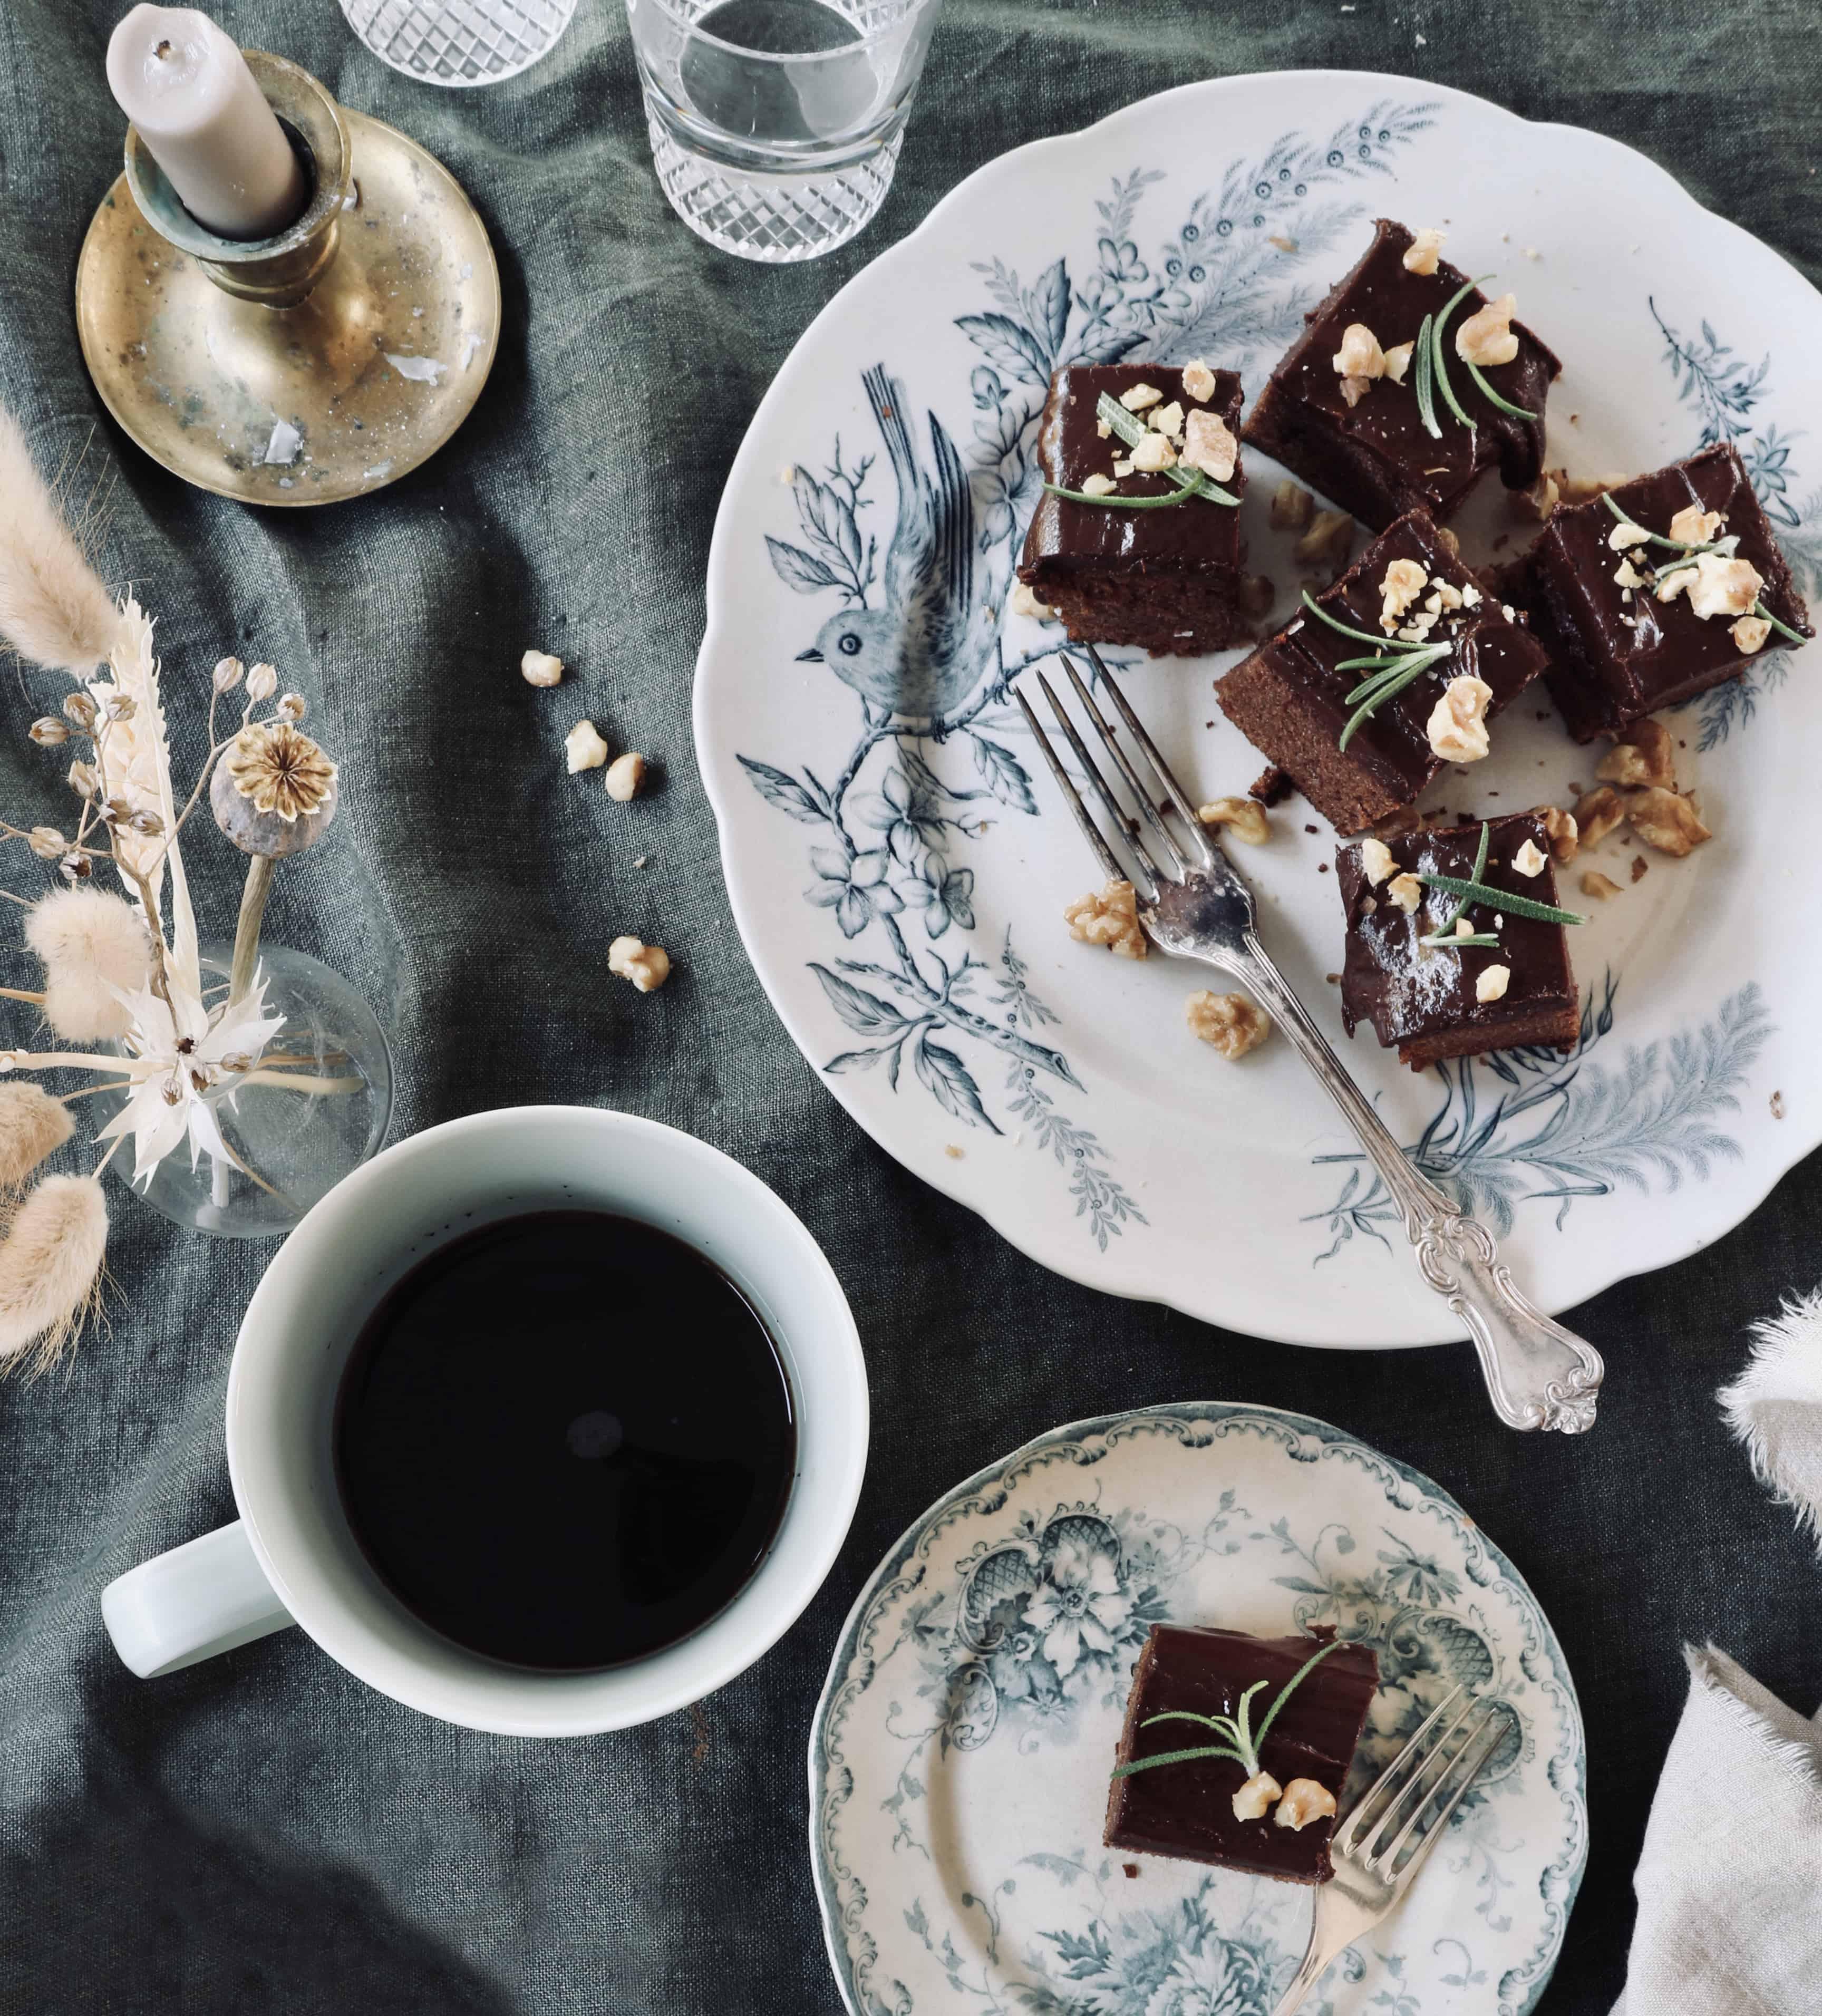 Recept: Glutenfria chokladbrownies – gjorda på kidneybönor istället för mjöl